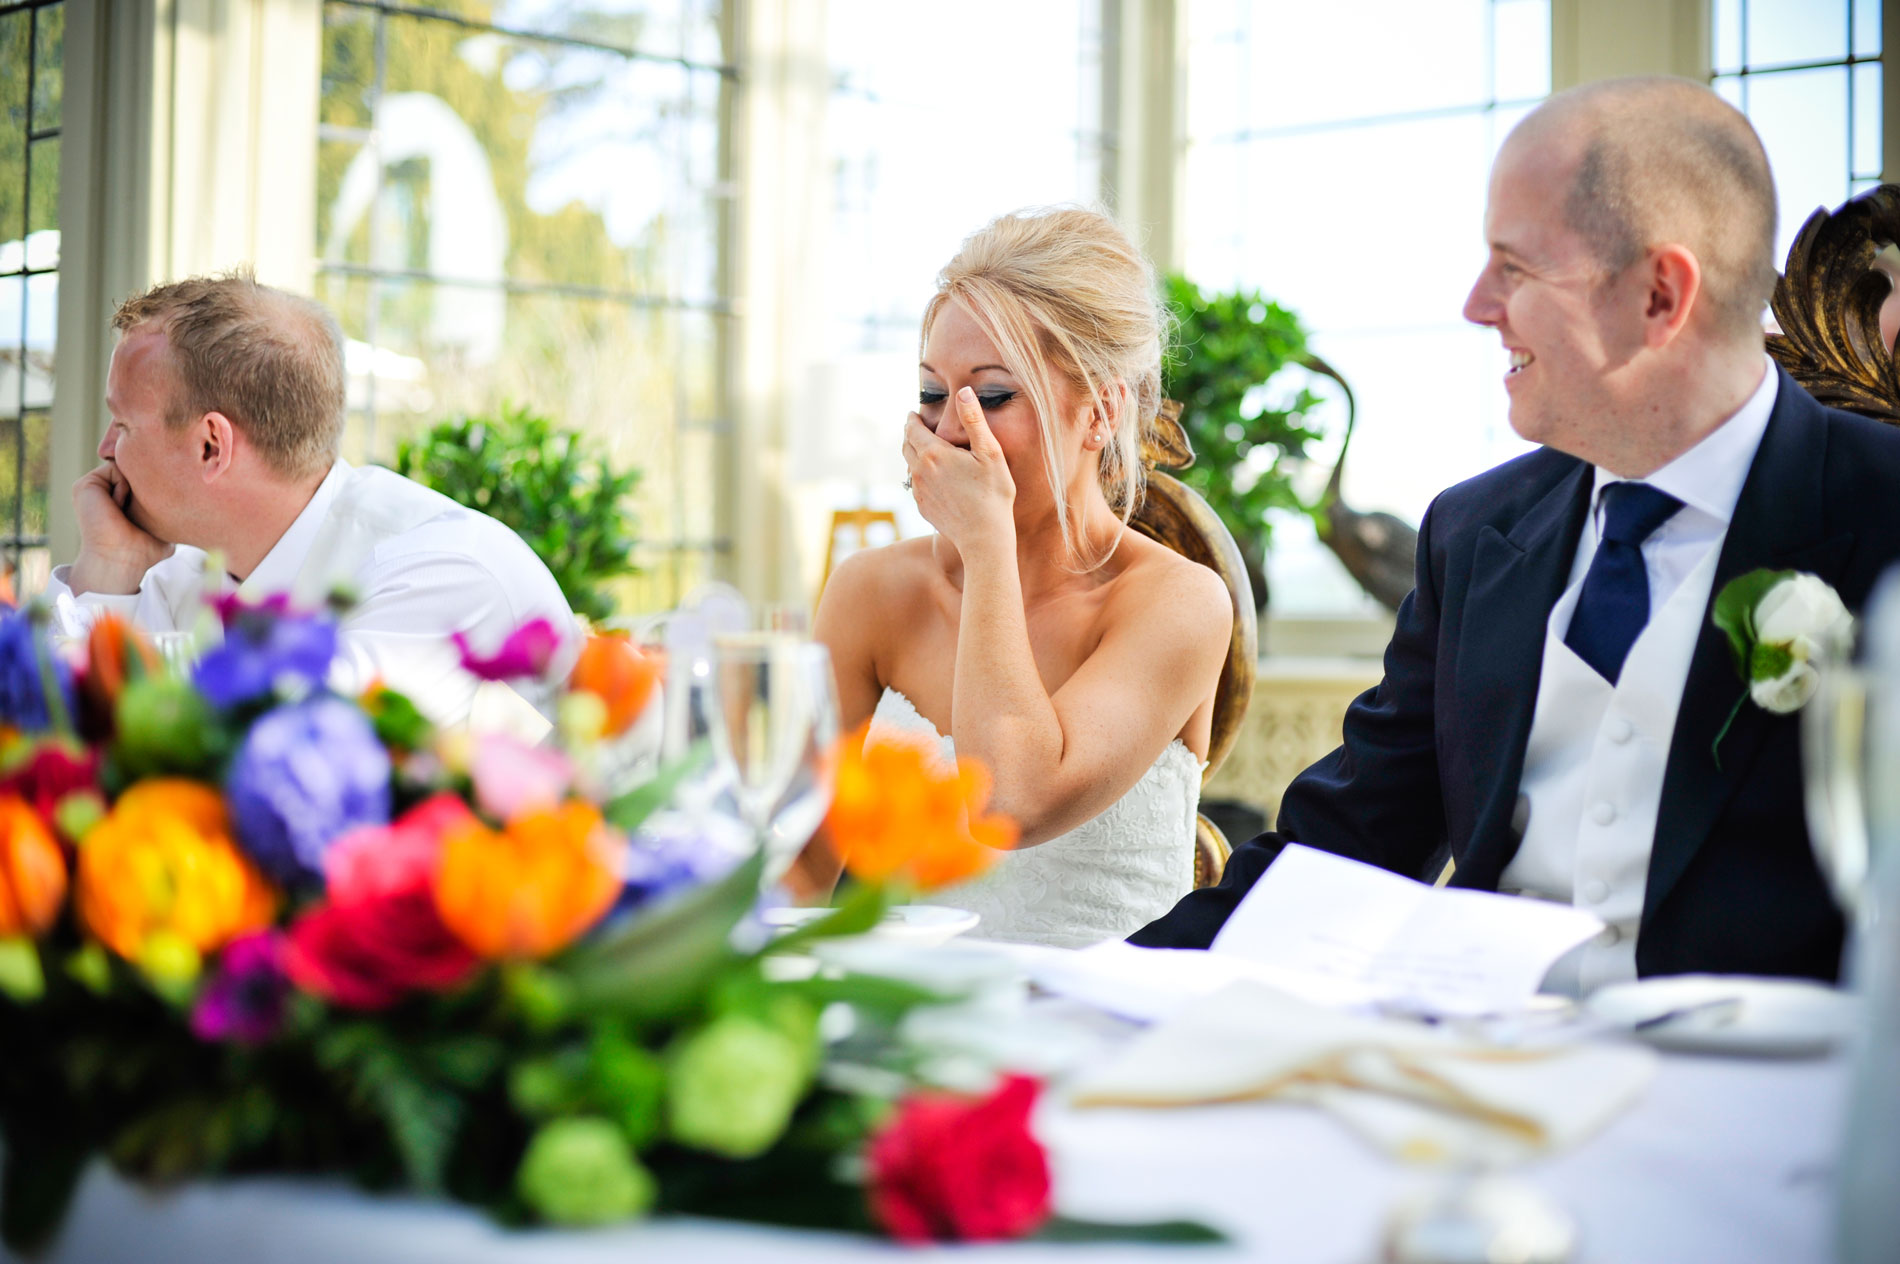 Kilworth-weddings-_72.jpg